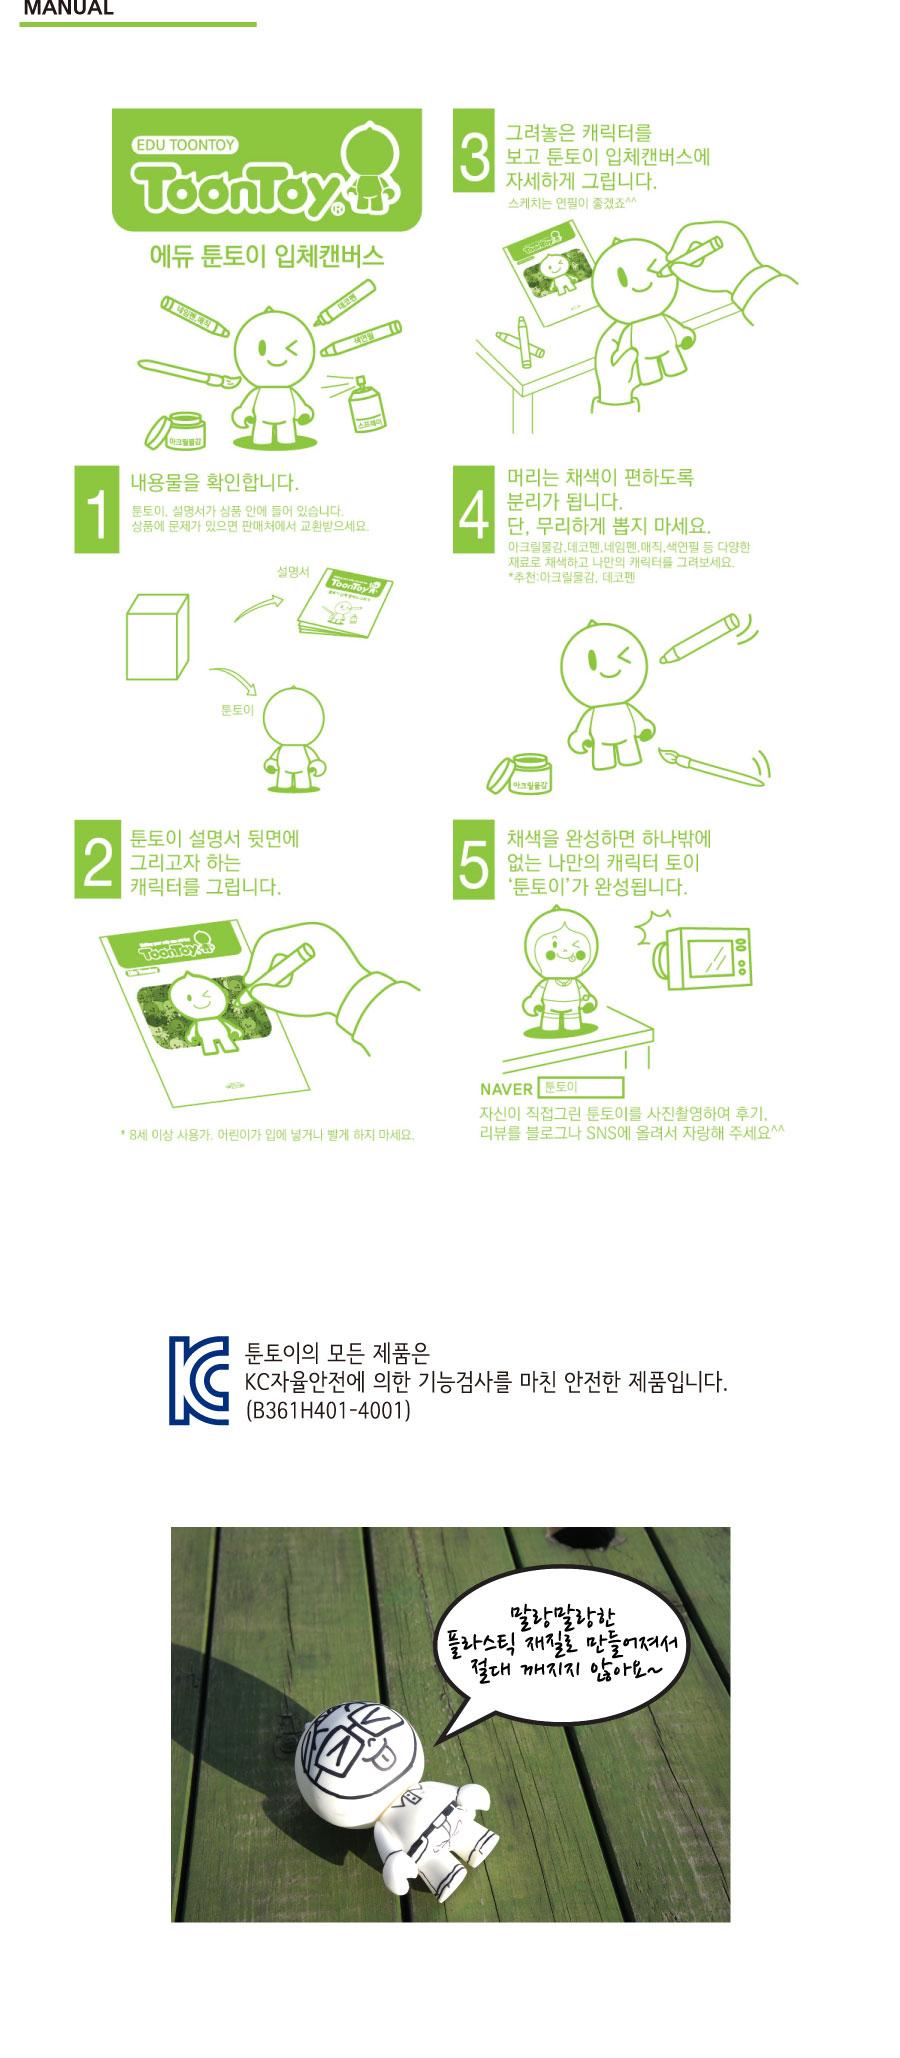 에듀 툰토이 입체캔버스 화이트_EDU TOONTOY - 툰토이, 8,000원, 기타 아트토이, 기타 아트토이